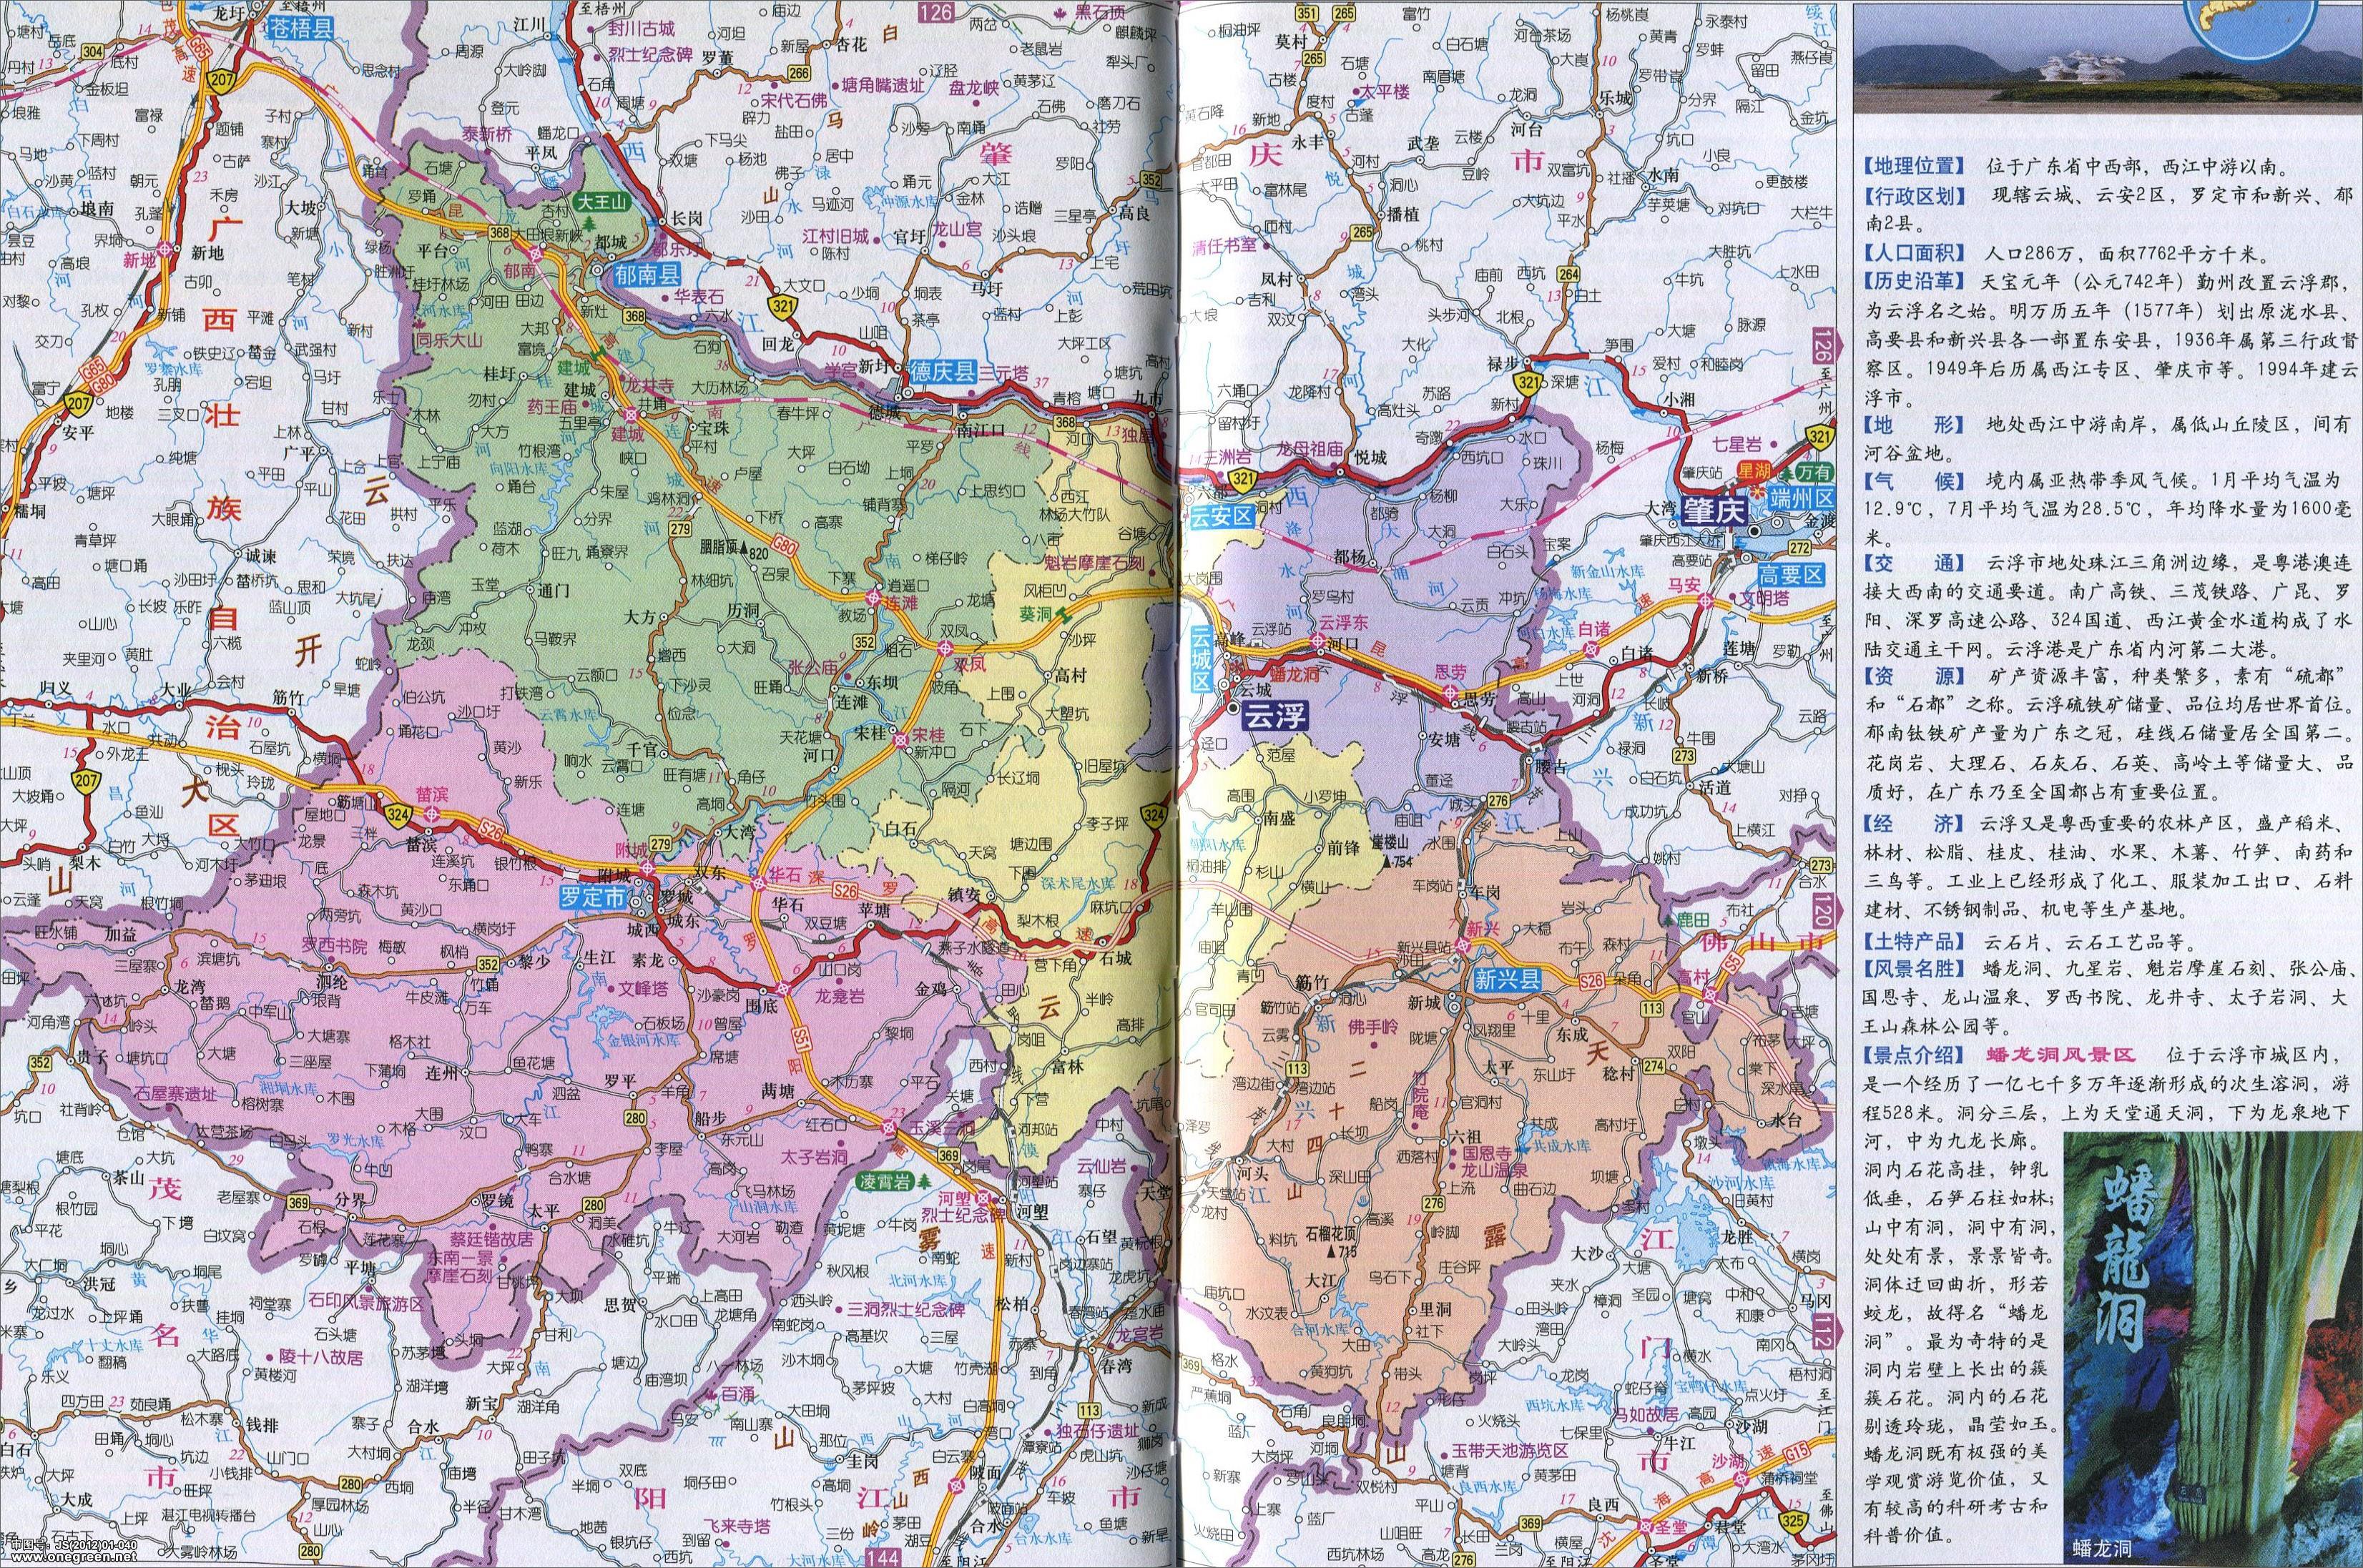 地图库 中国地图 广东 云浮 >> 云浮市地图高清版    世界各国 | 中国图片